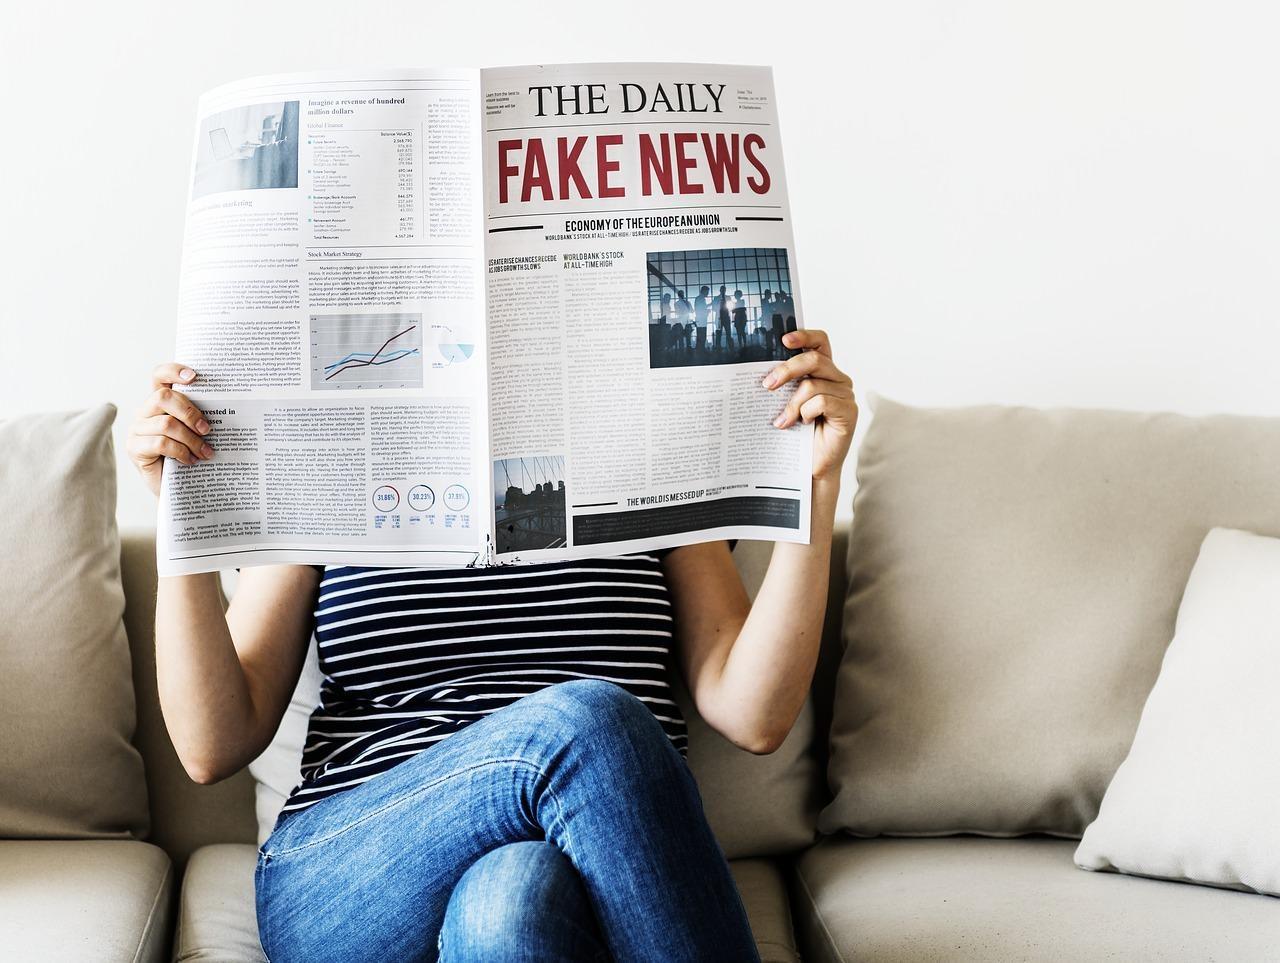 У Херсоні розповсюдили фейкову газету про одного з політиків (фото)